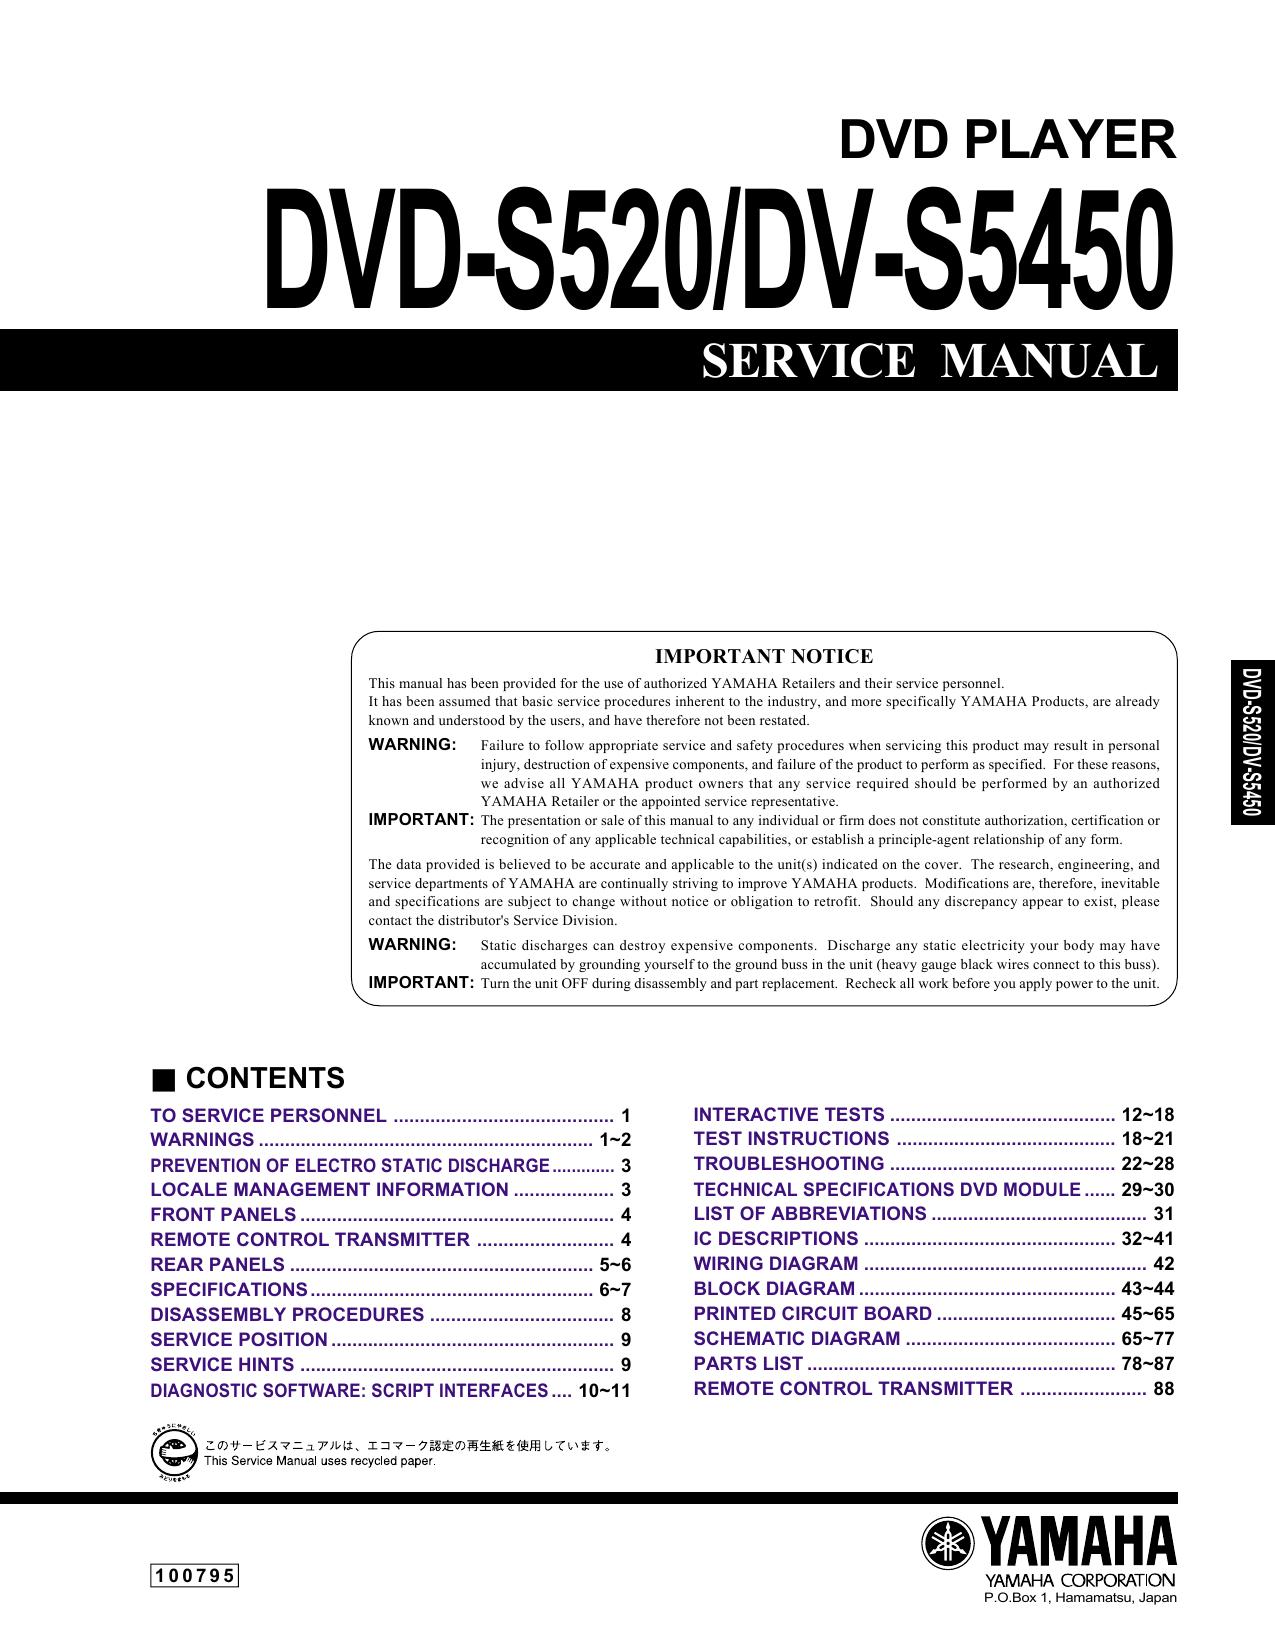 Dvd Player Vintage Hifi Ci 65 Central Locking Interface Wiring Diagram